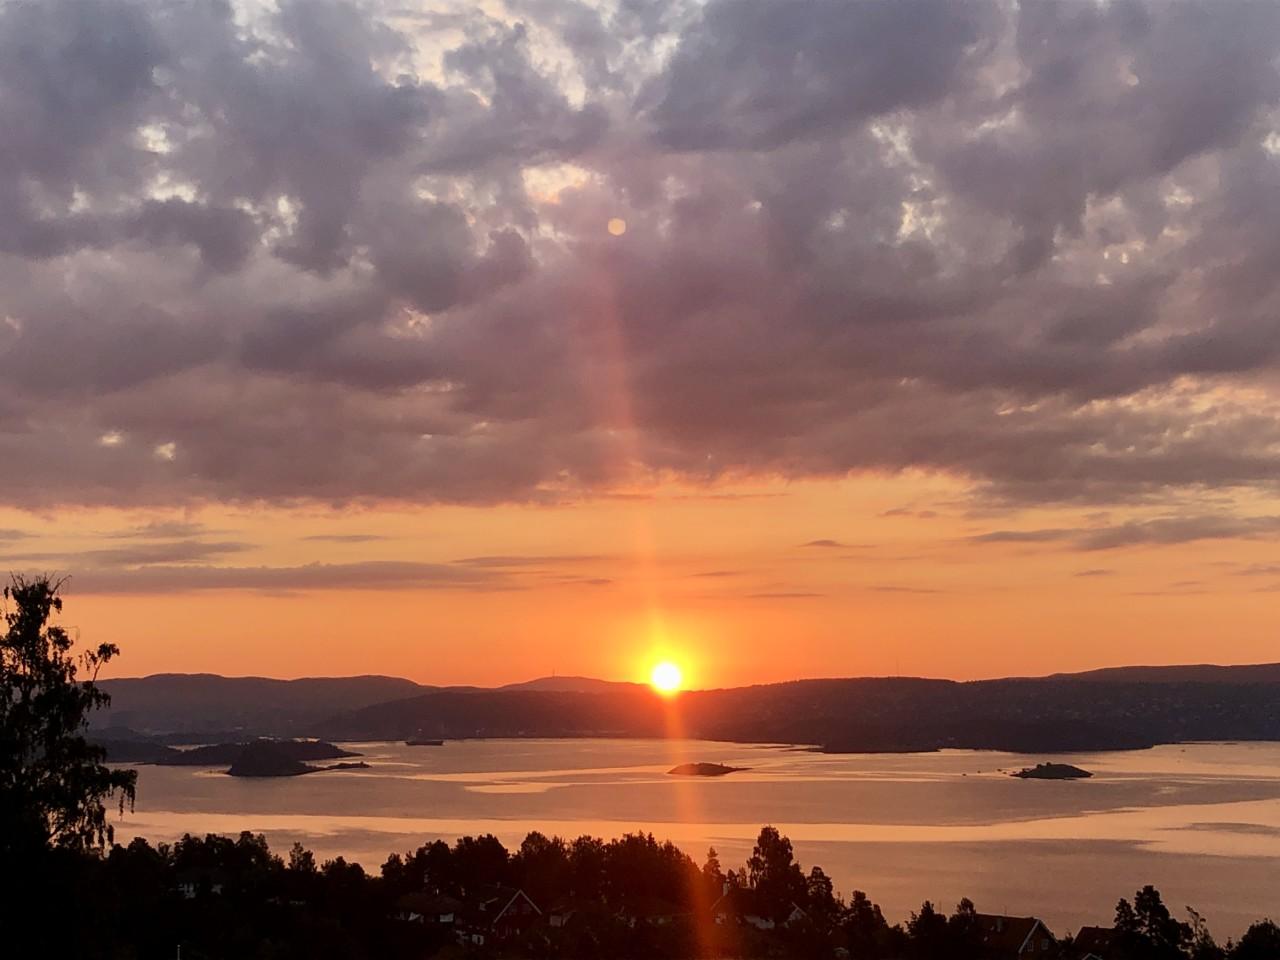 soloppgang-hav-utsikt-nesoddenlove-anja-stang-green-house